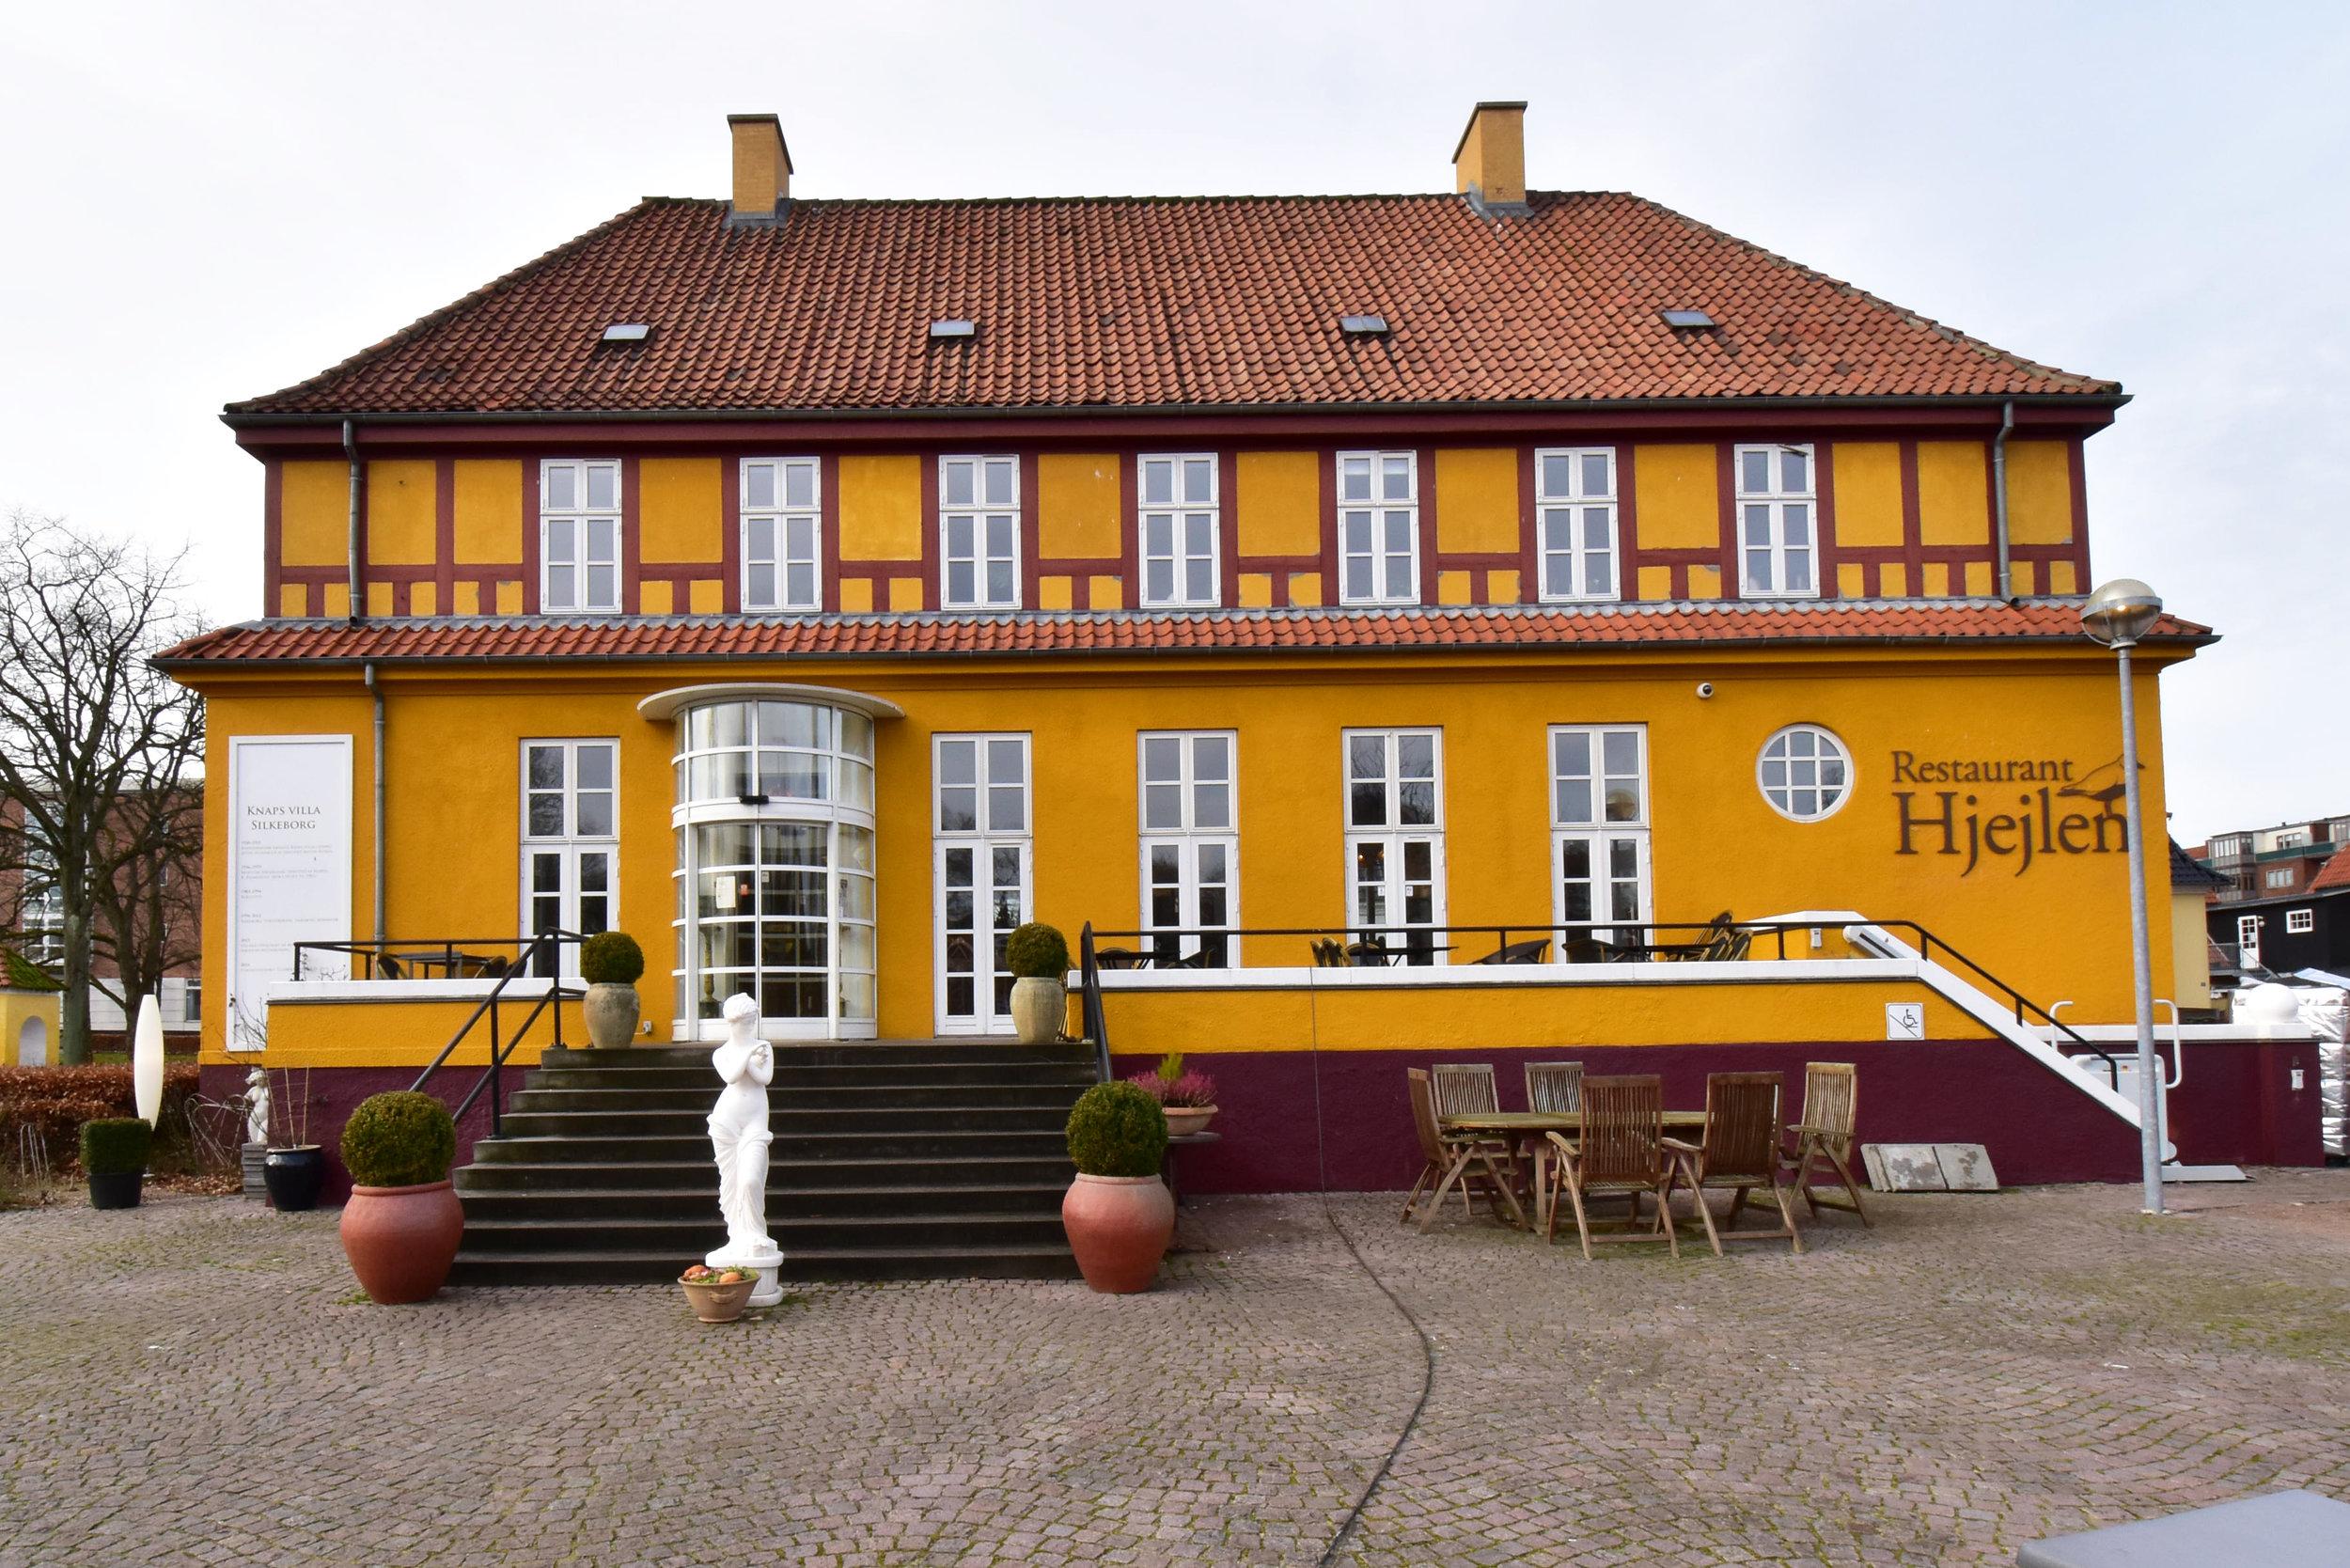 Restaurant Hjejlen_15.jpg